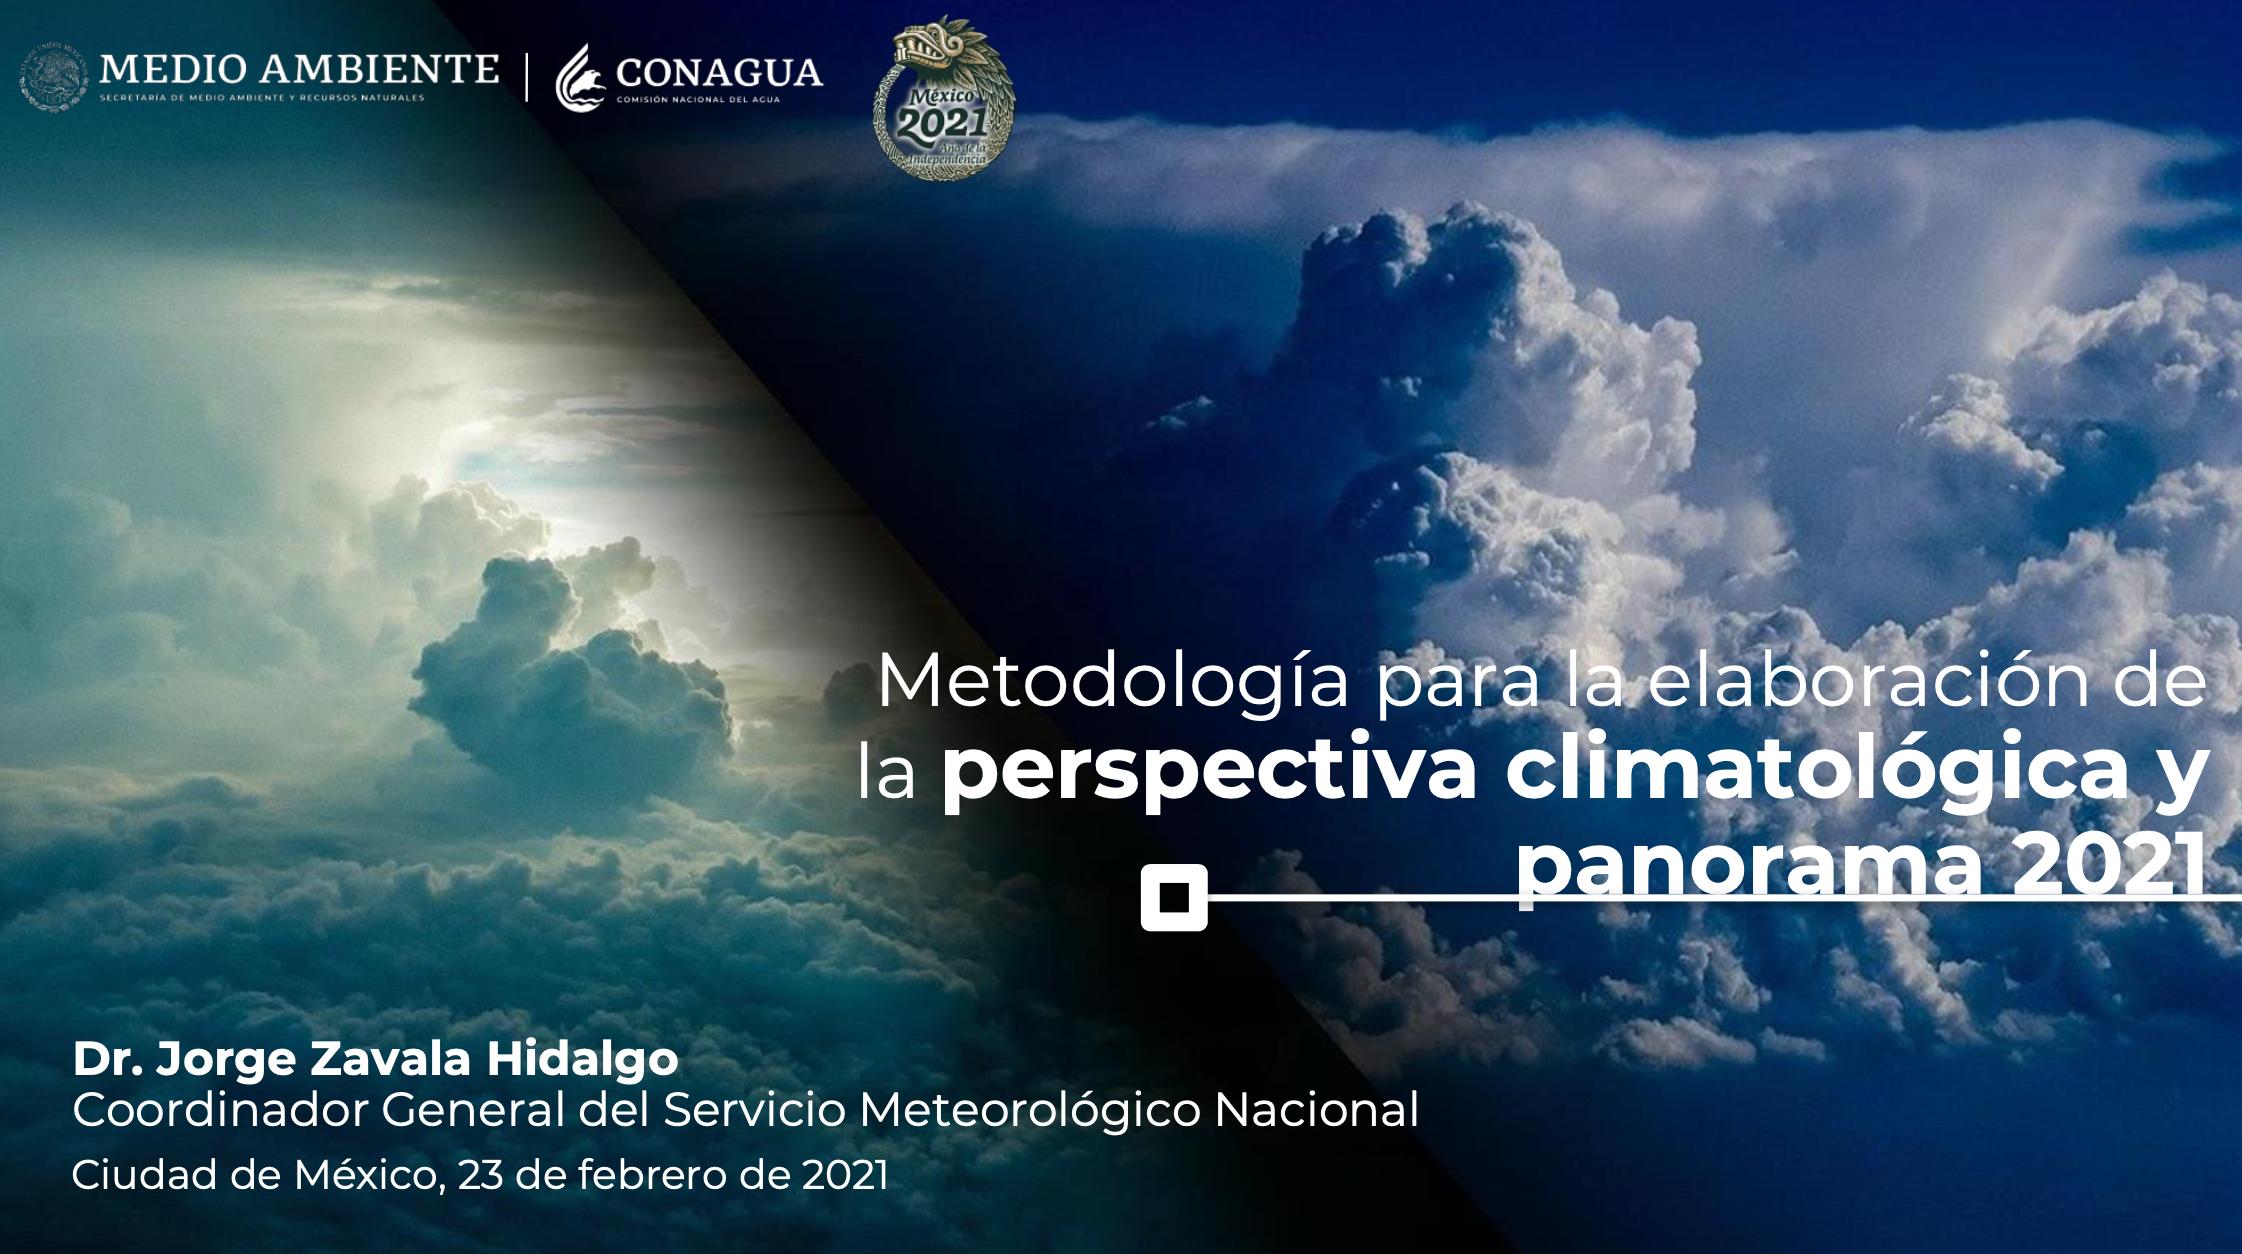 Conferencia Dr. Jorge Zavala Hidalgo-Metodología para la elaboración de la perspectiva climatológica y panorama 2021